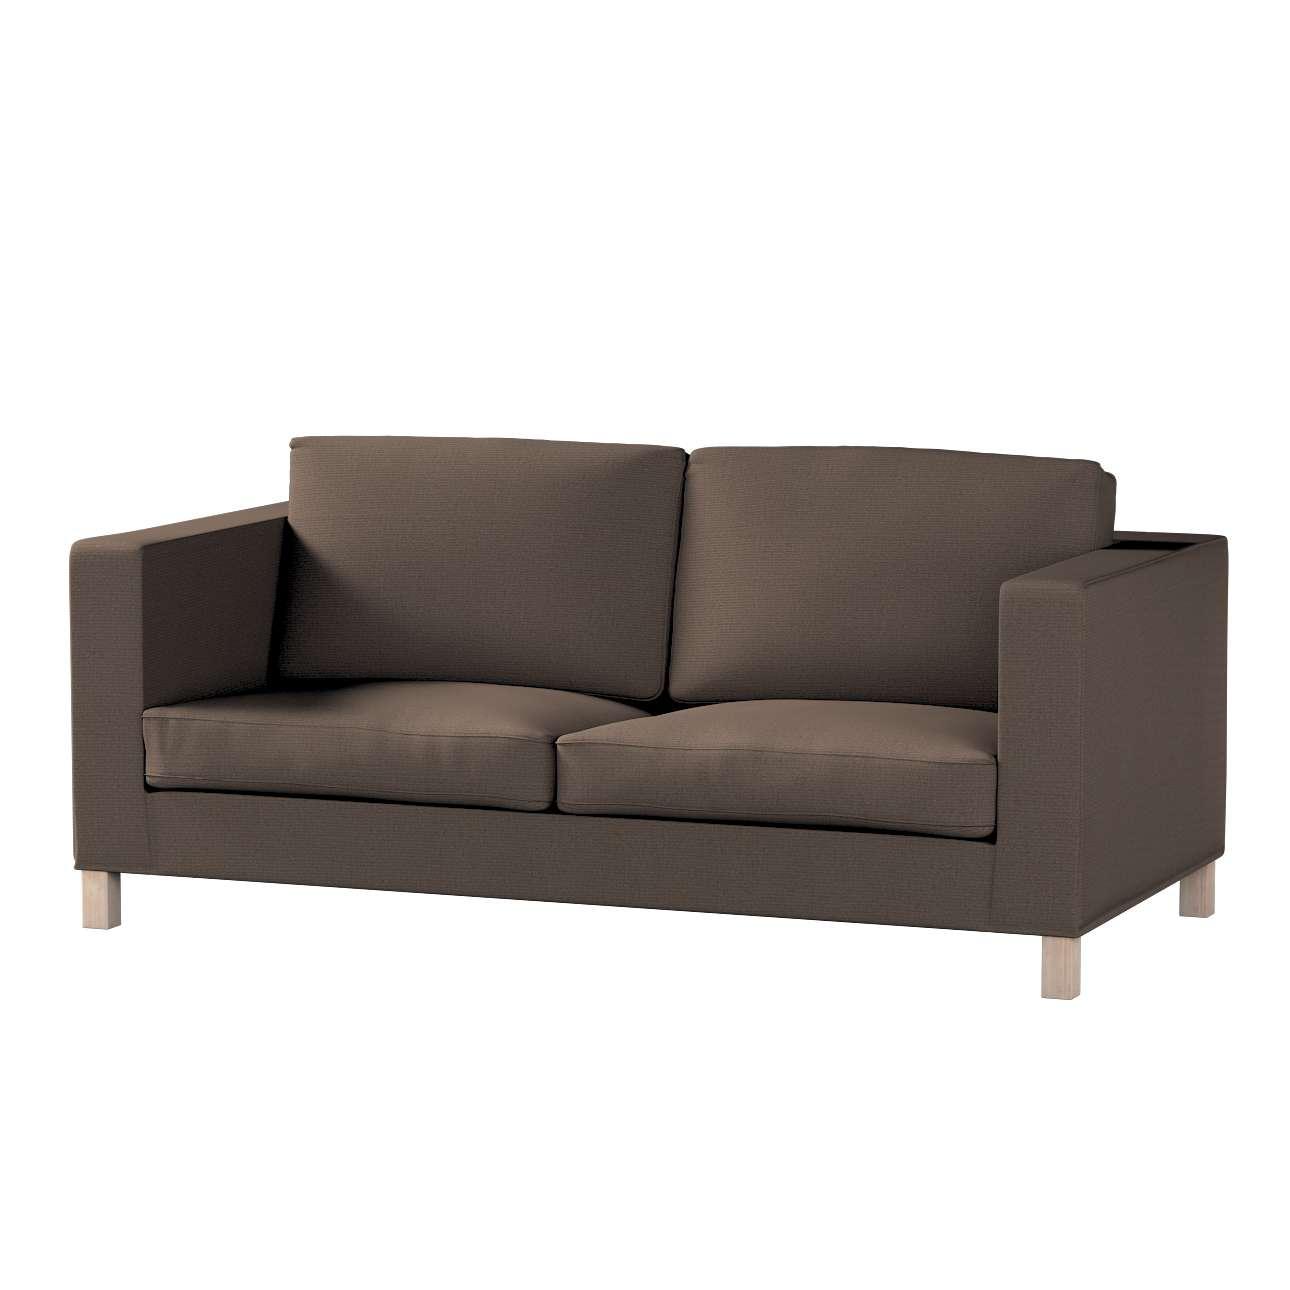 KARLANDA sofos lovos užvalkalas KARLANDA sofos lovos užvalkalas kolekcijoje Etna , audinys: 705-08